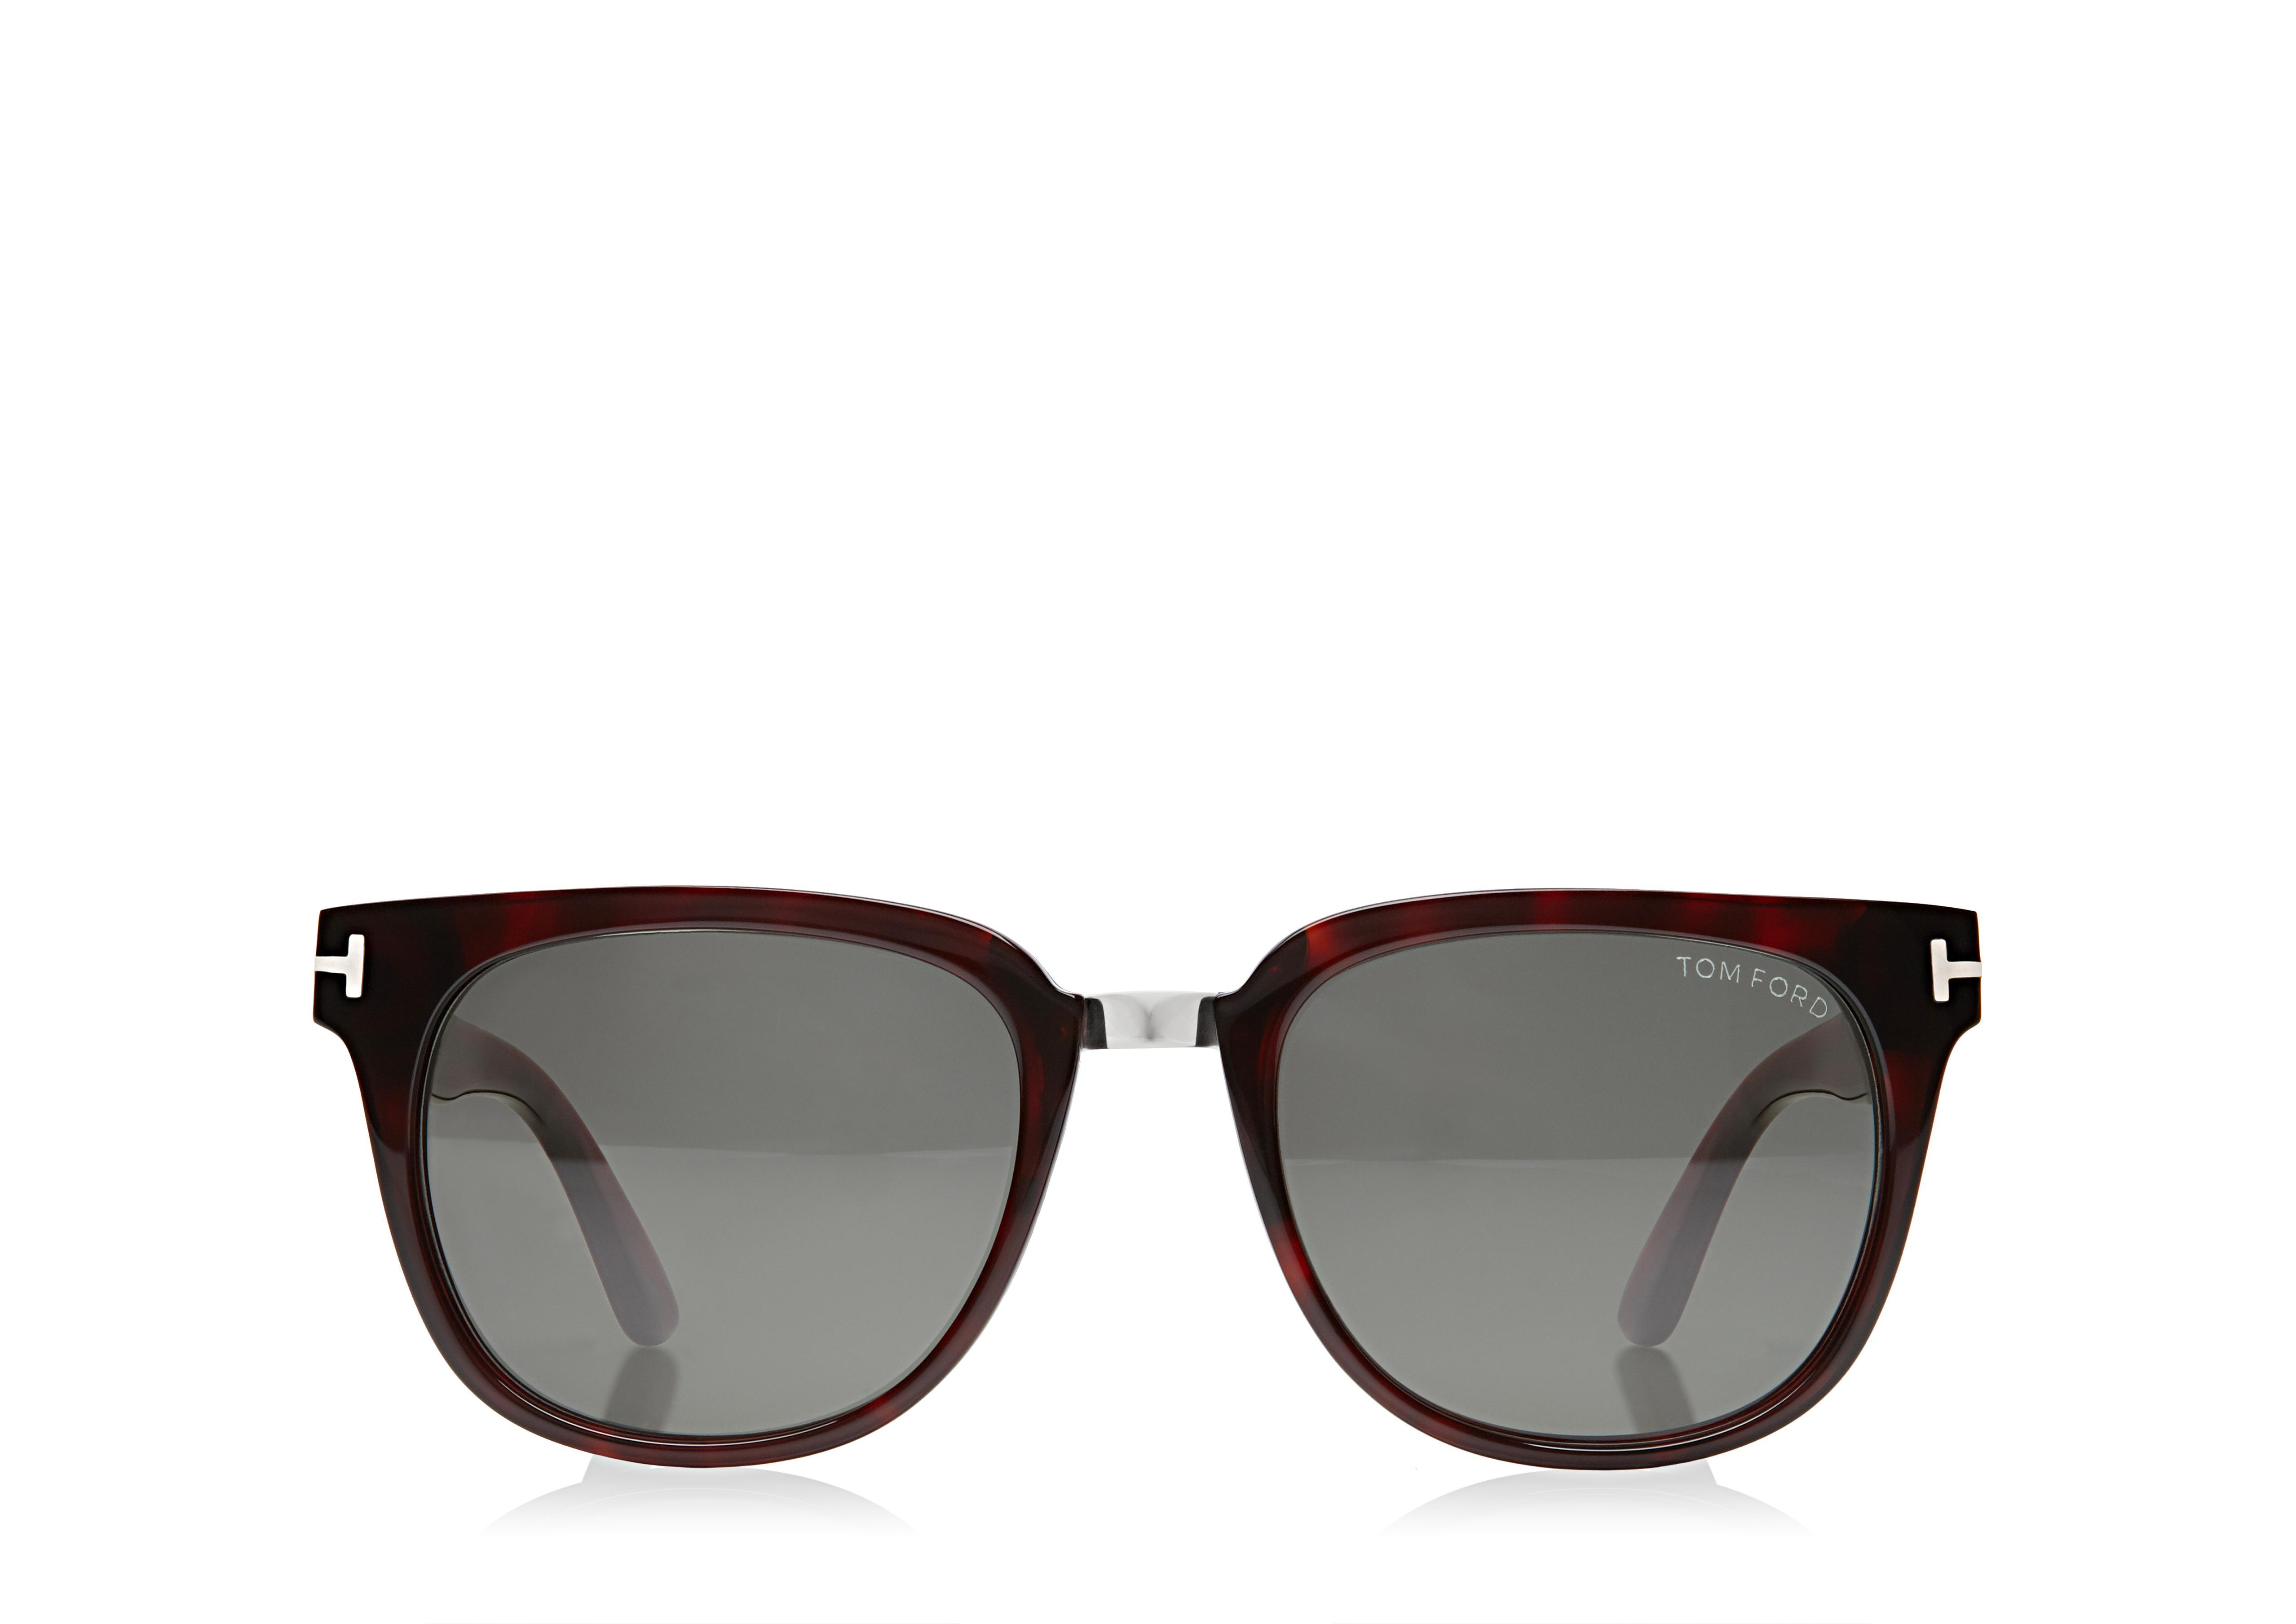 Rock Sunglasses A thumbnail